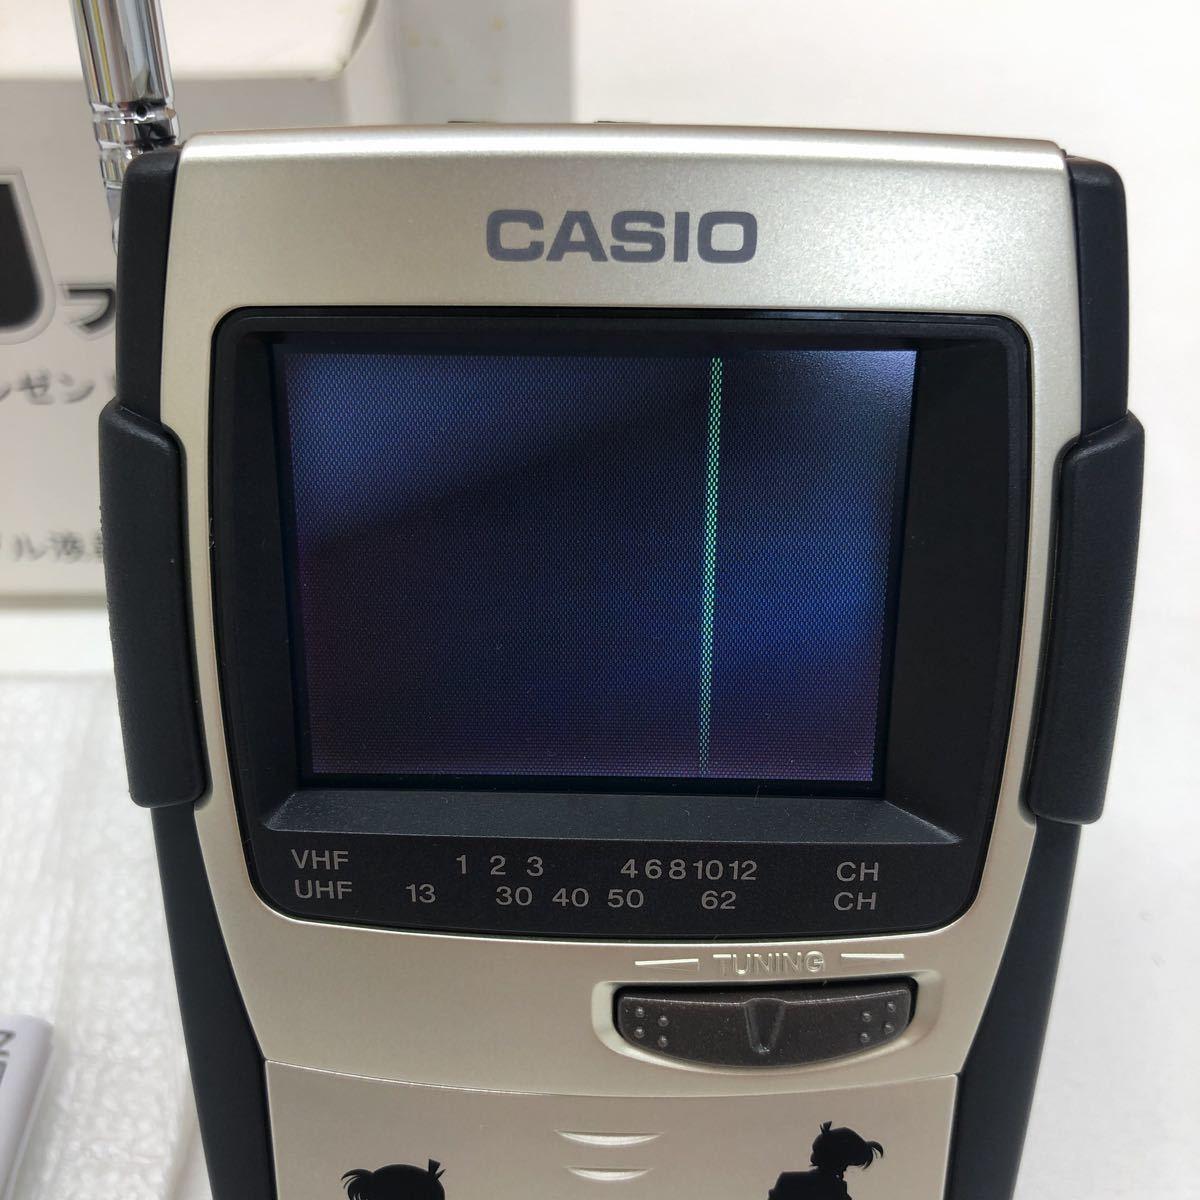 【通電確認美品】CASIO TV-880 ポータブル液晶 カラーテレビ 名探偵コナン バージョン 非売品_画像3